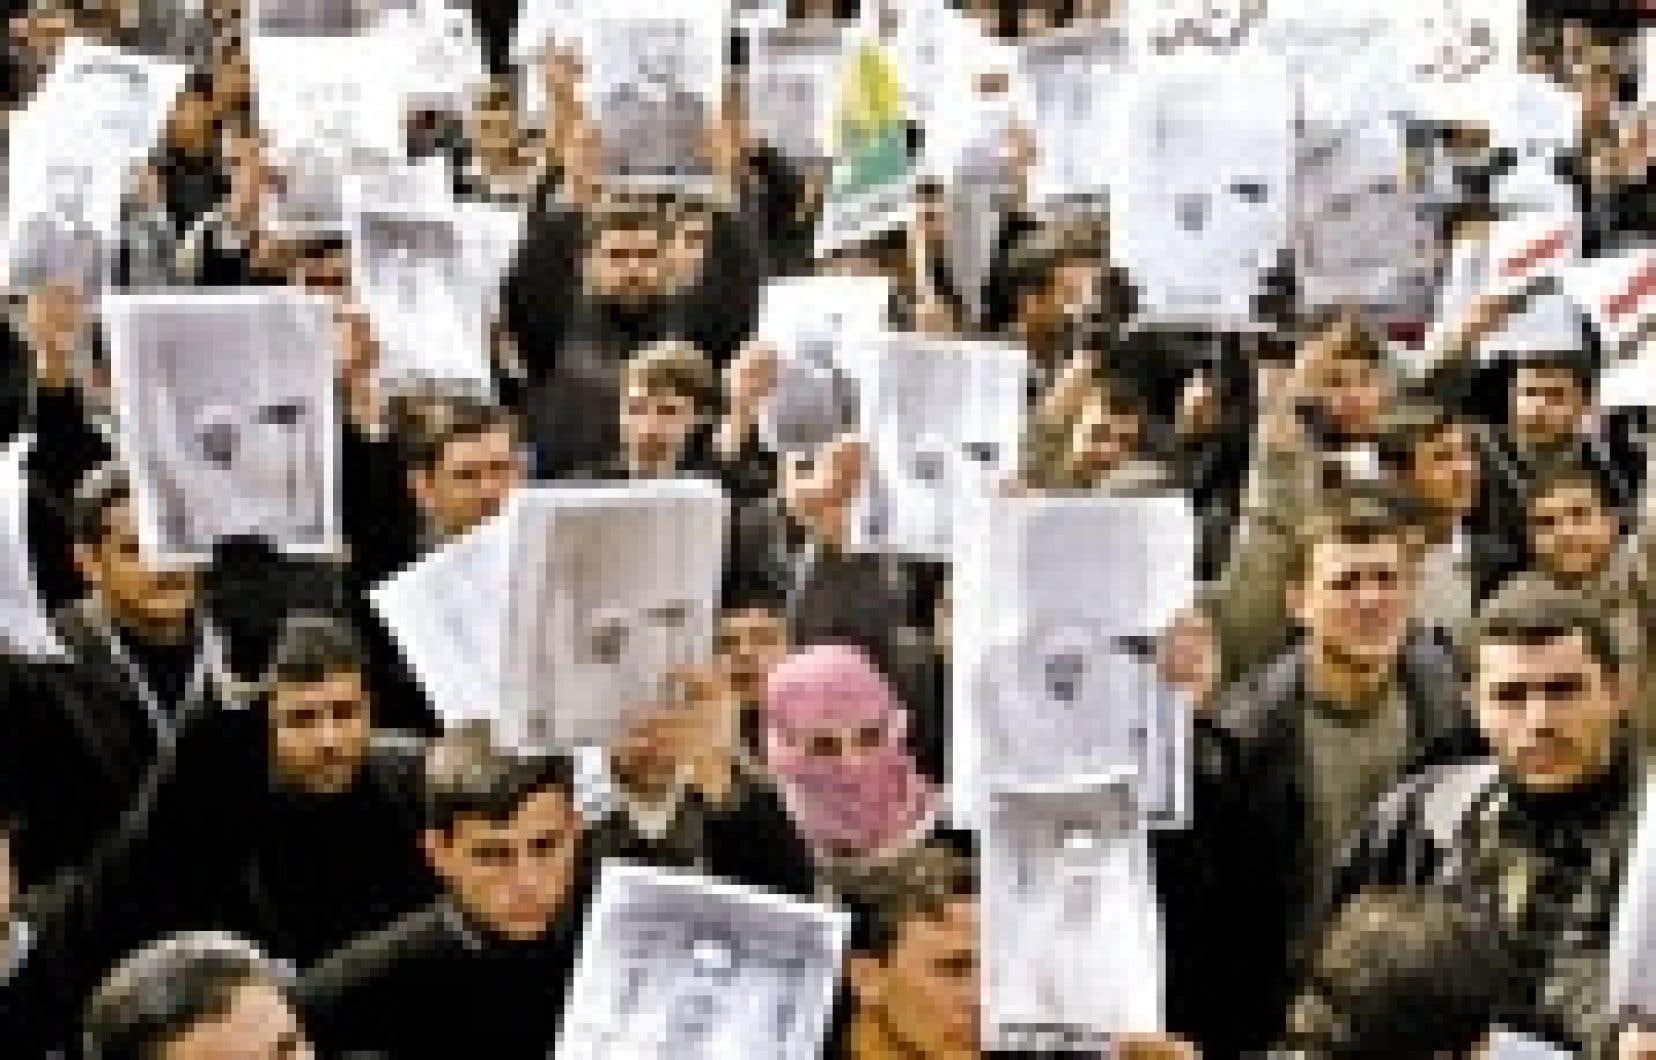 Peu avant l'attaque qui a fait 24 morts dans le réfectoire d'une base américaine à Mossoul, des centaines d'étudiants avaient manifesté dans le centre de la ville pour exiger que les troupes américaines cessent de s'introduire sans préveni